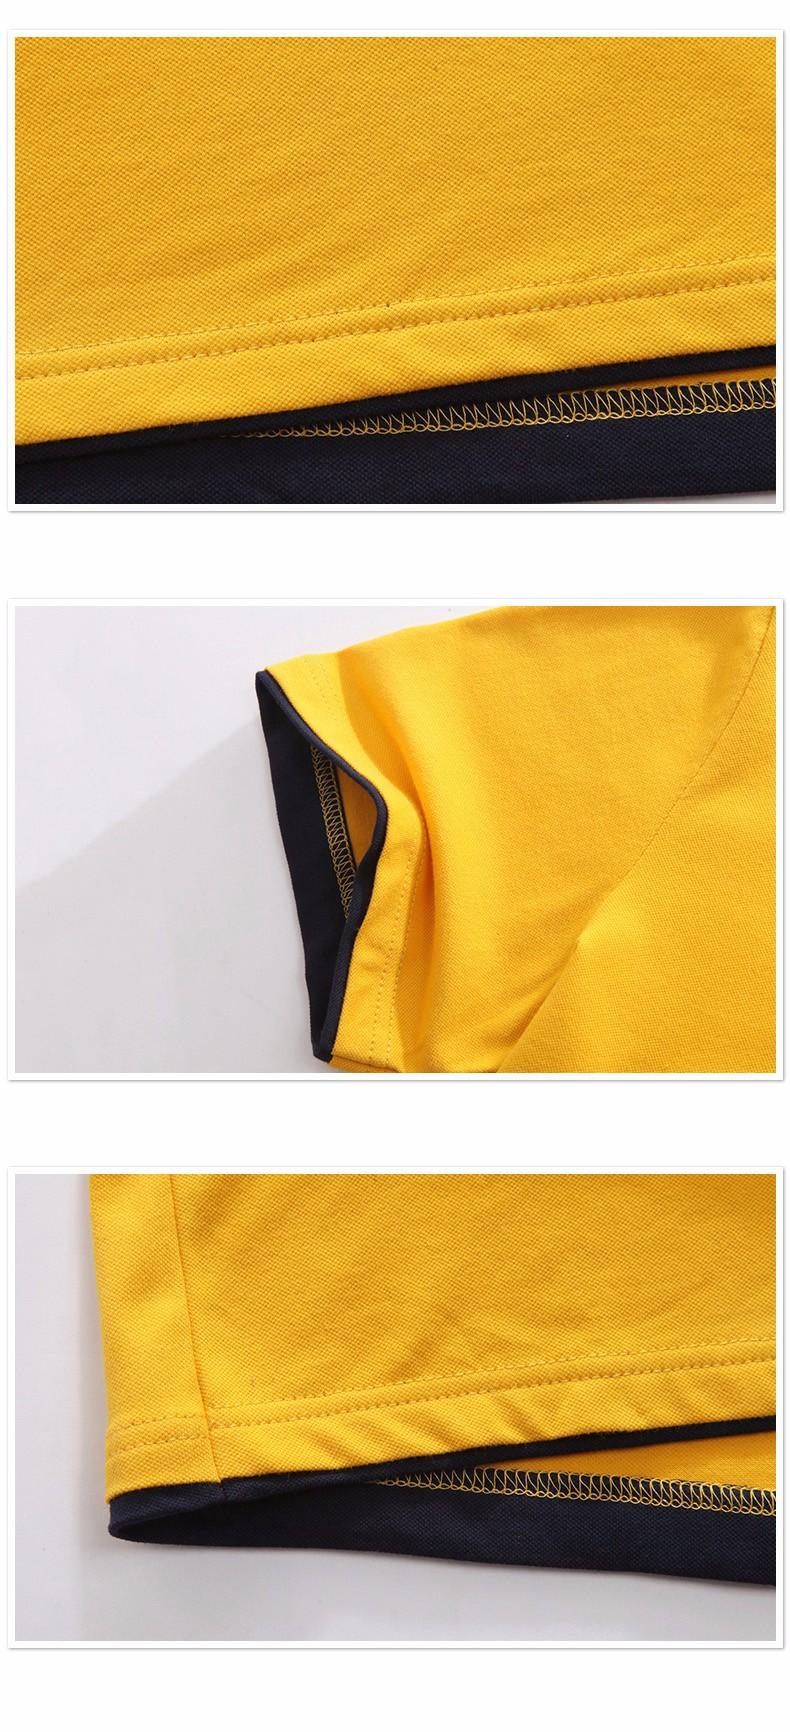 polo-shirt-197170-11